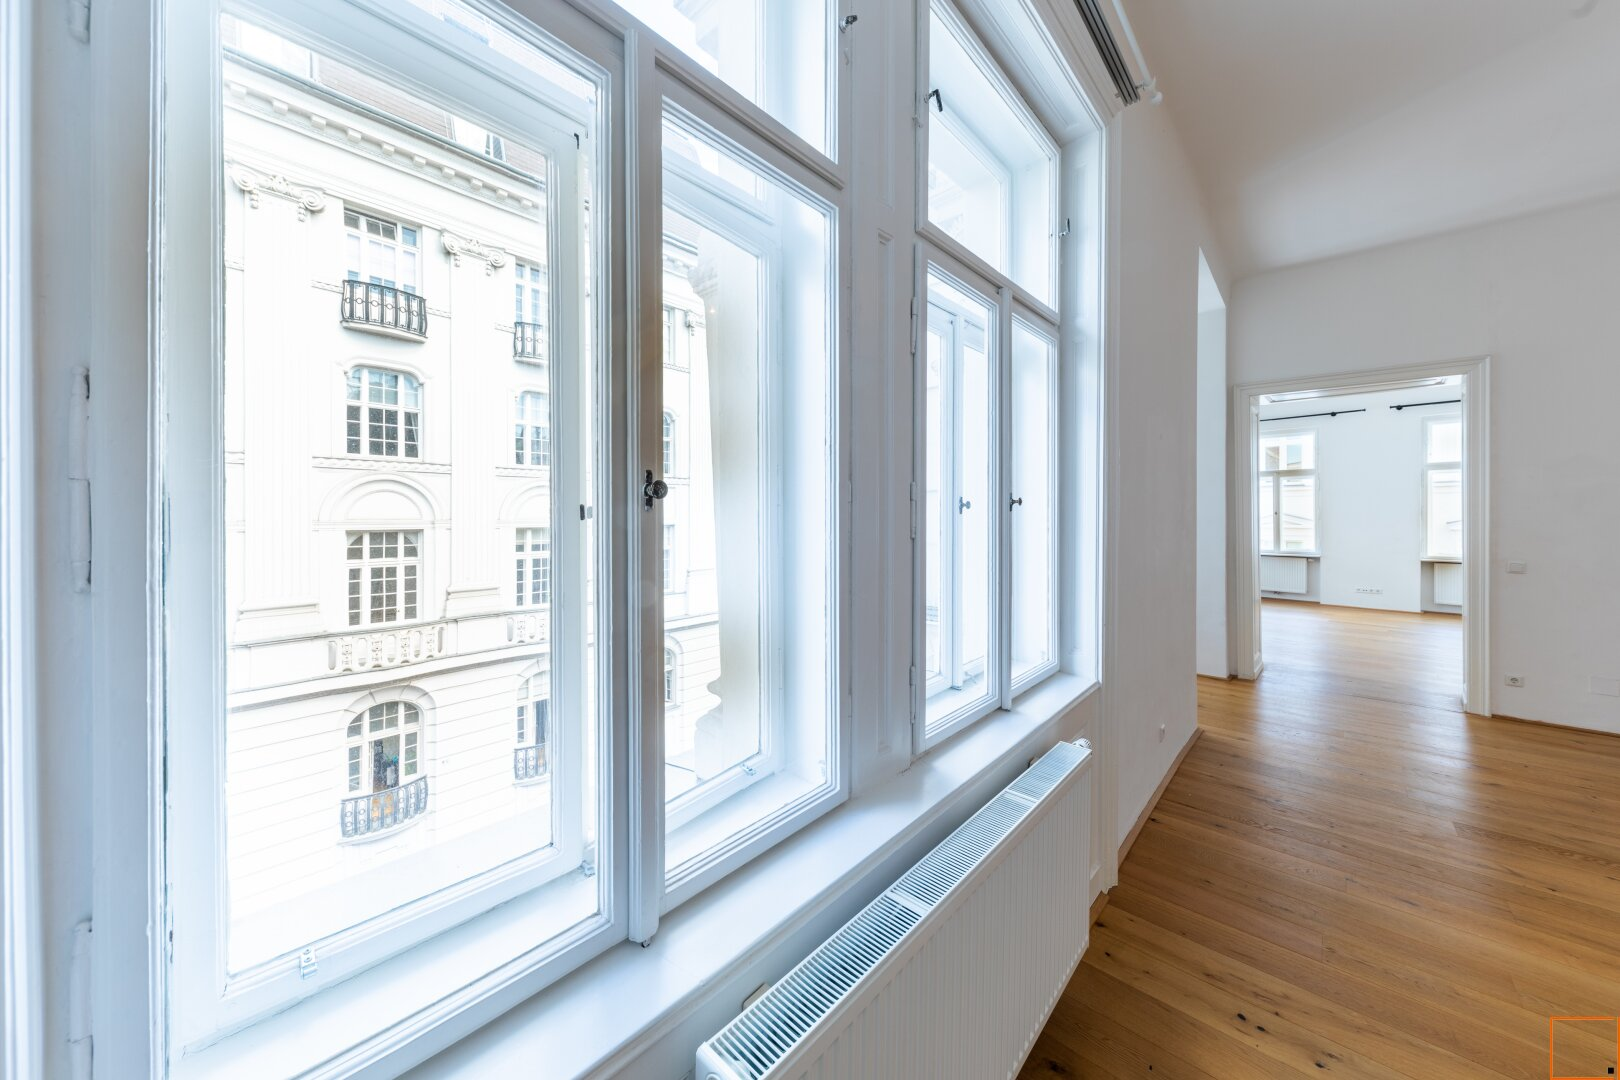 Wohnzimmer mit Fensterfront